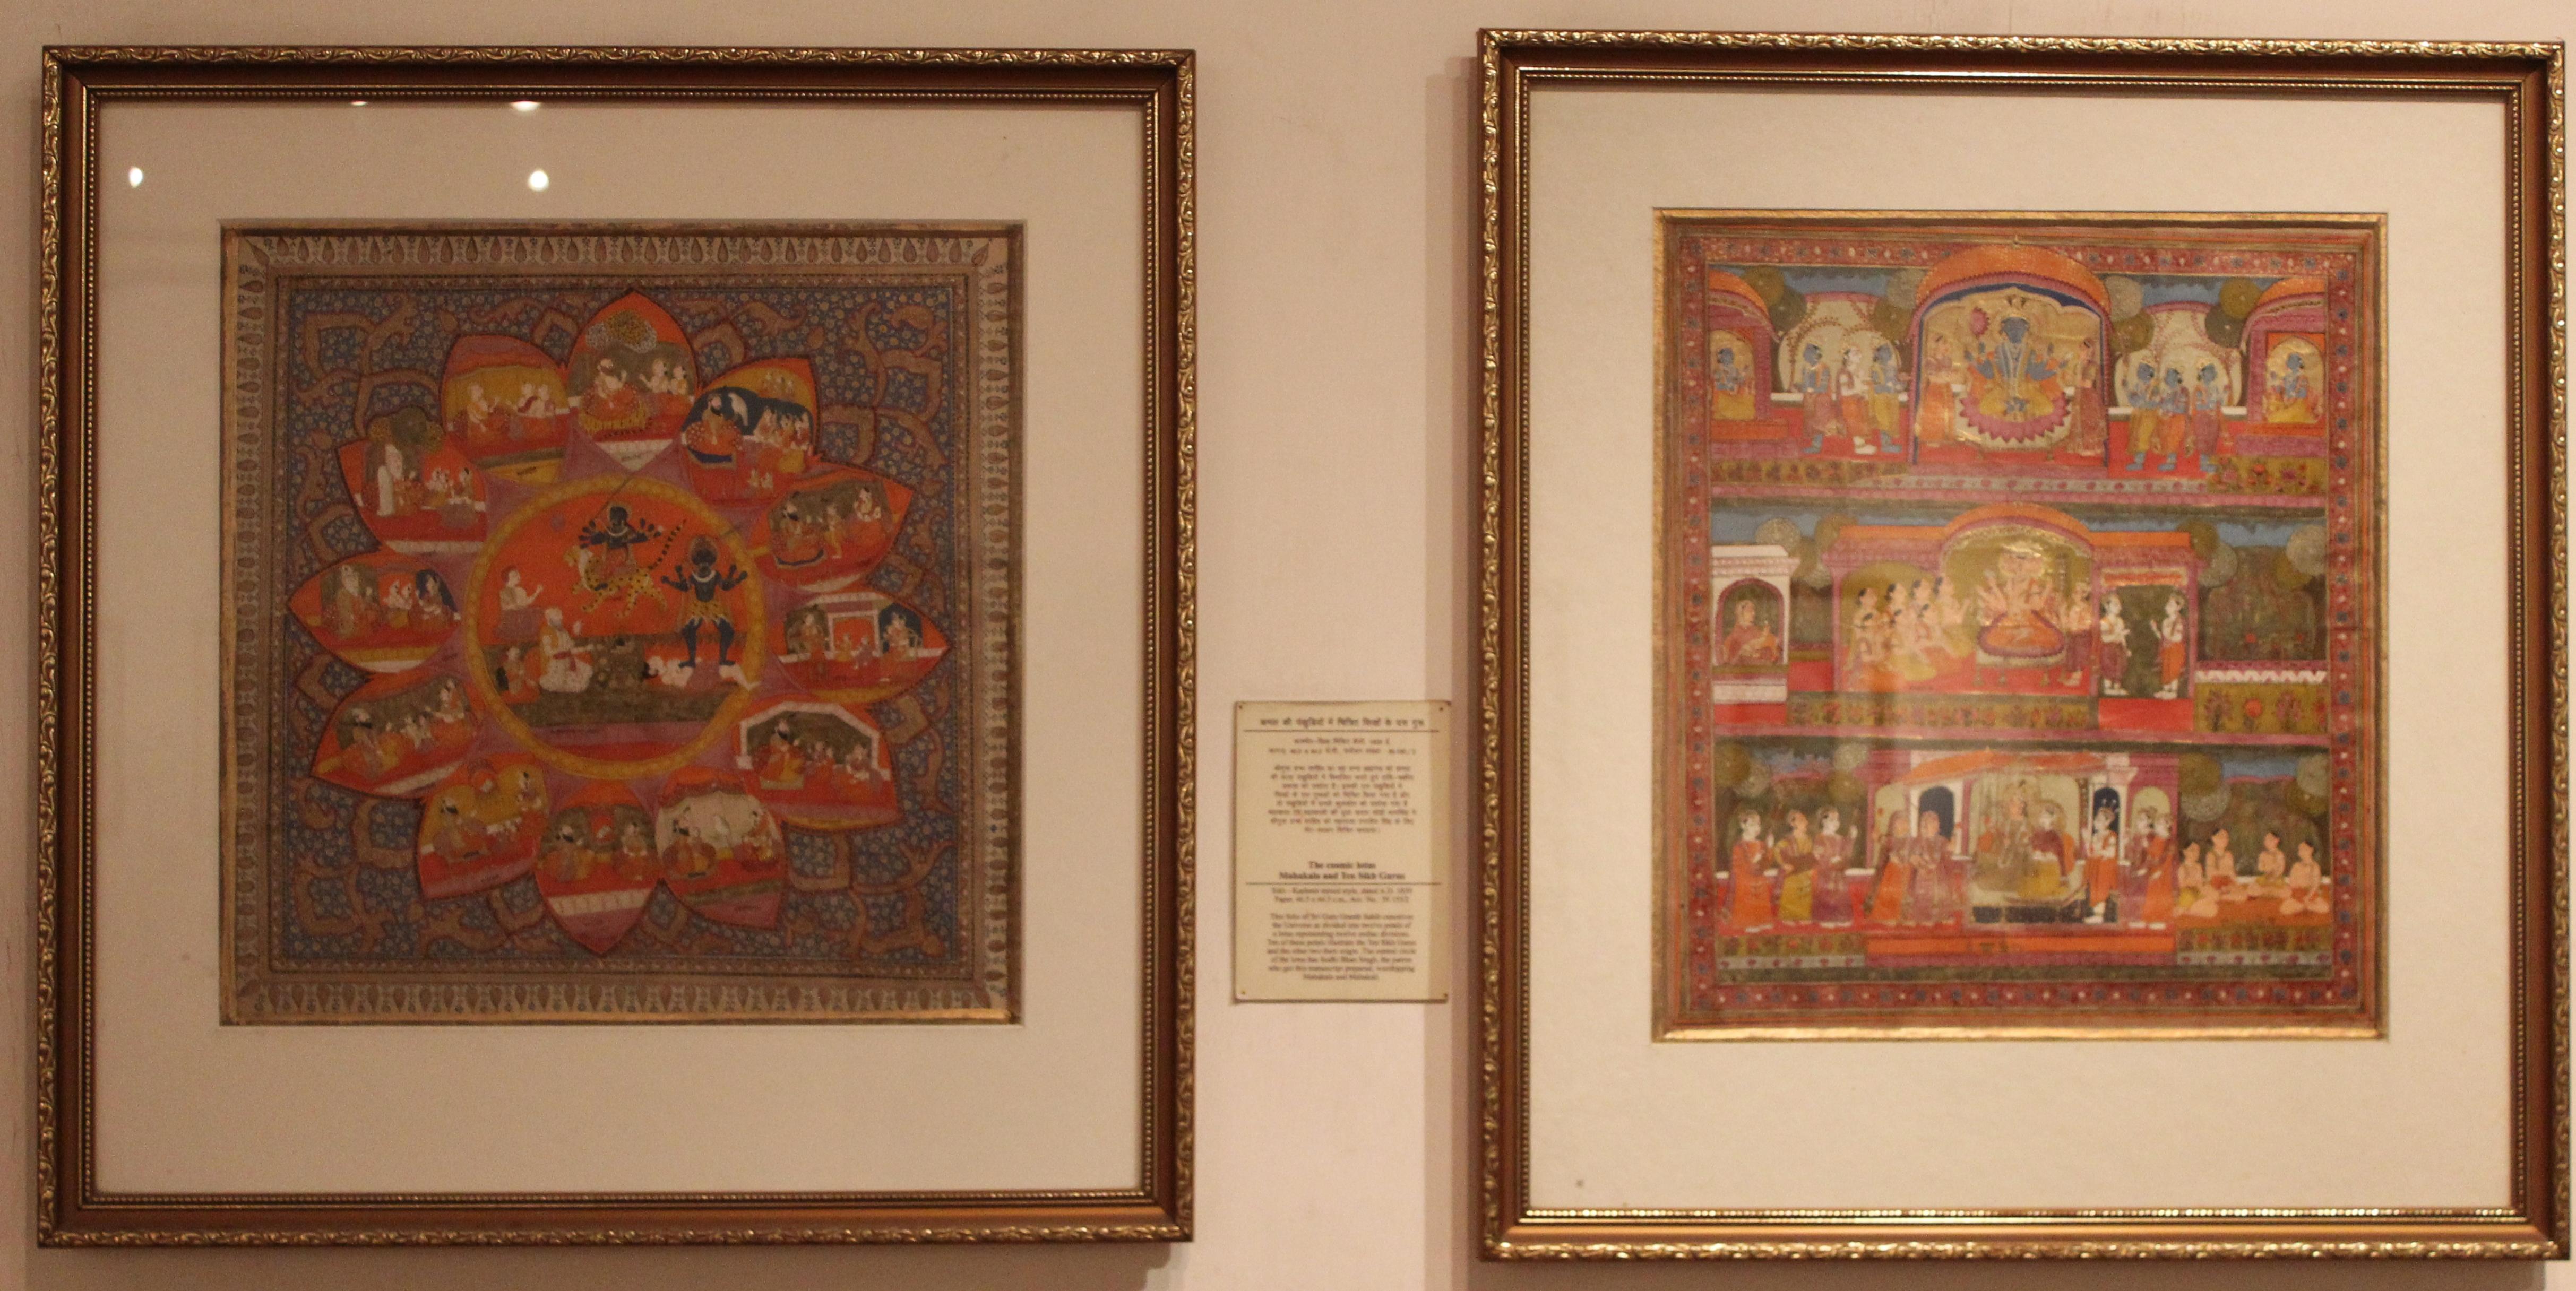 Sikh Museum Delhi Museum New Delhi